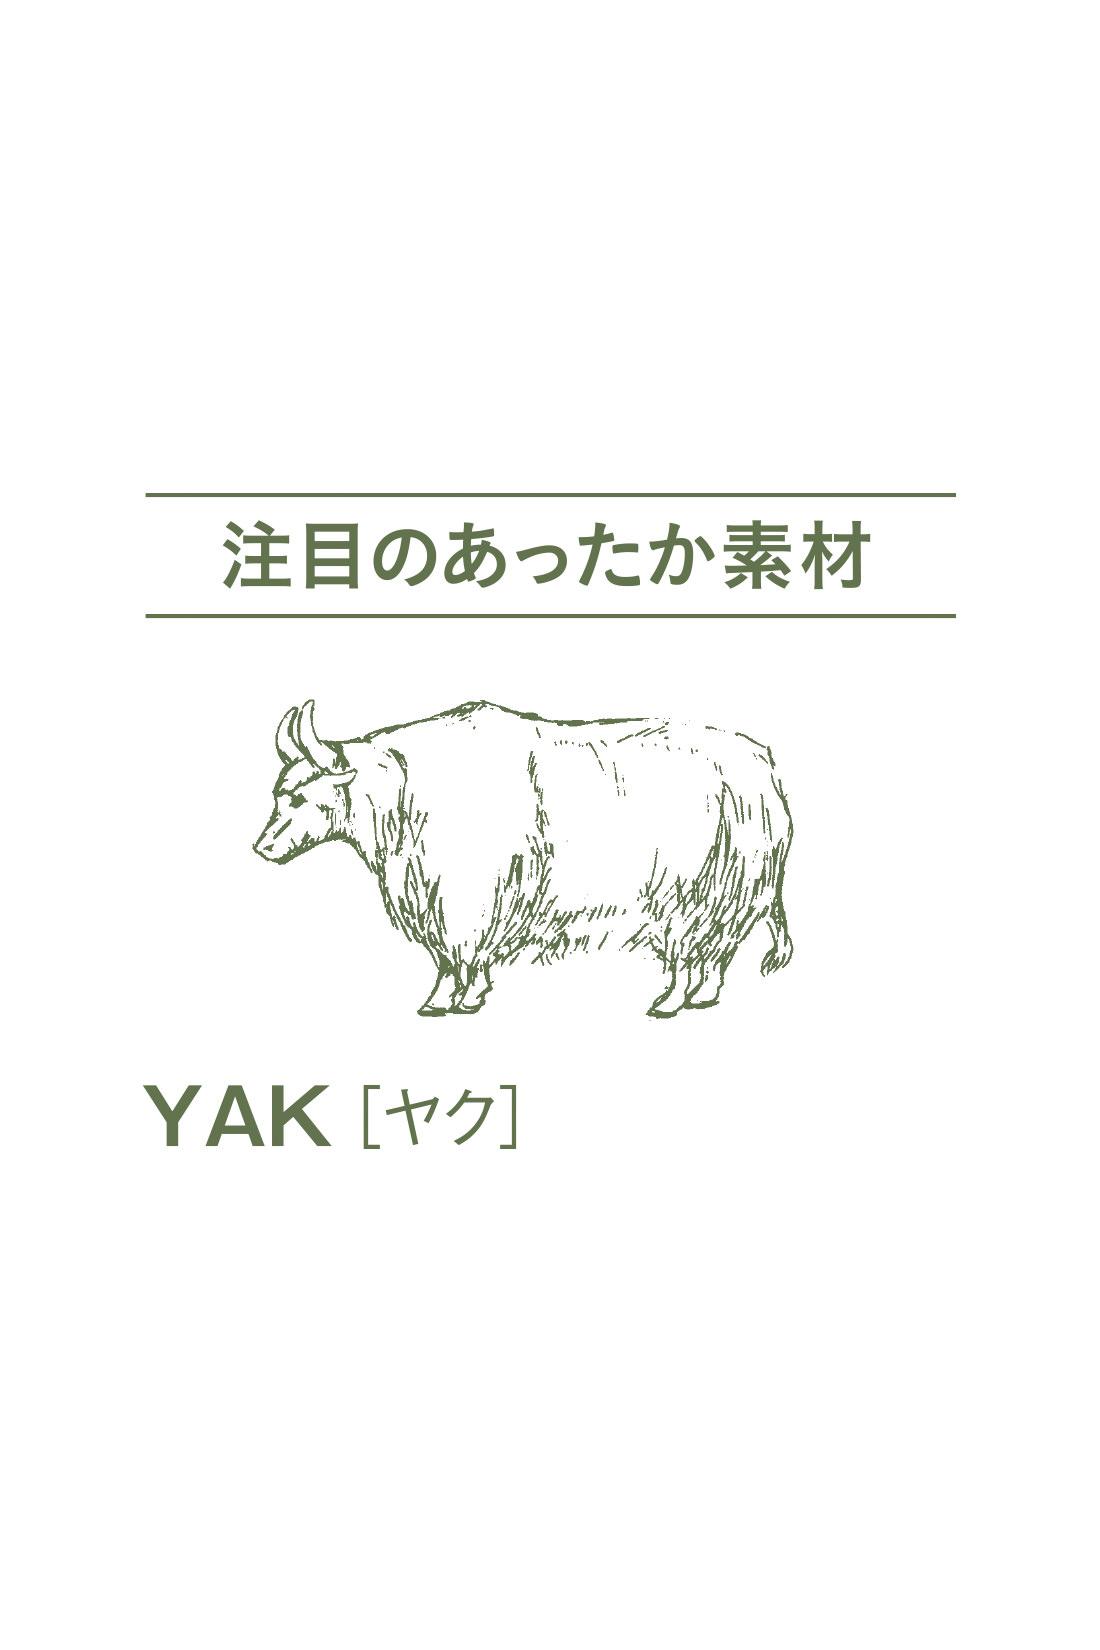 標高4000メートル以上の高地に住む、寒さに強い牛の一種。その毛は滑らかでやわらかく、カシミアと並ぶ注目の高級素材。